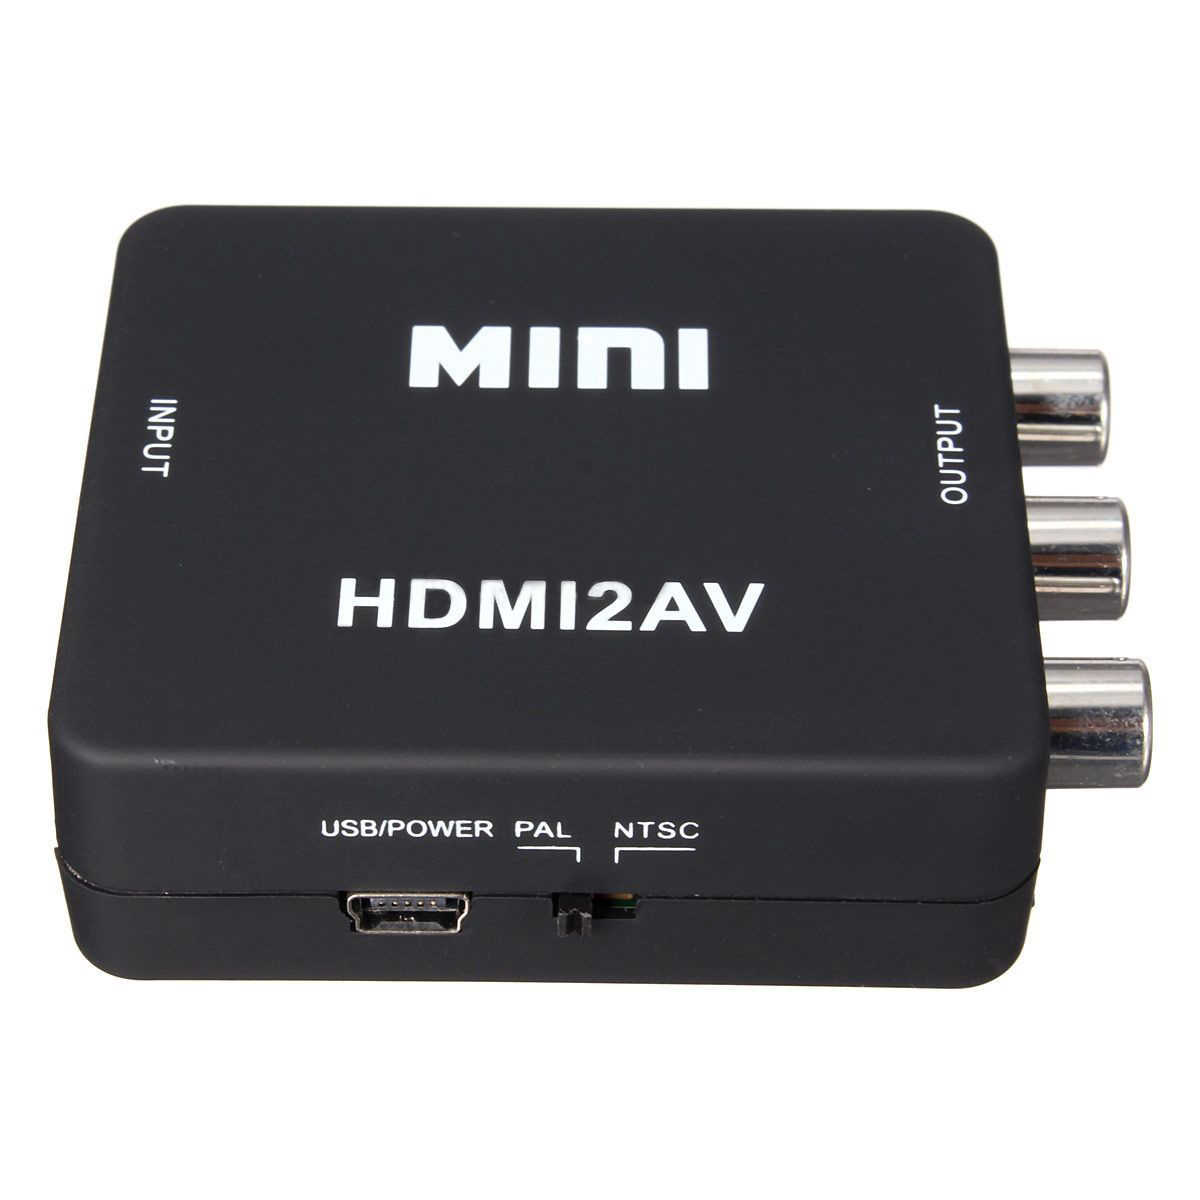 Мини HDMI к 3RCA CVBS композитный видео AV конвертер адаптер для ТВ PS3 VHS и VCR DVD черный